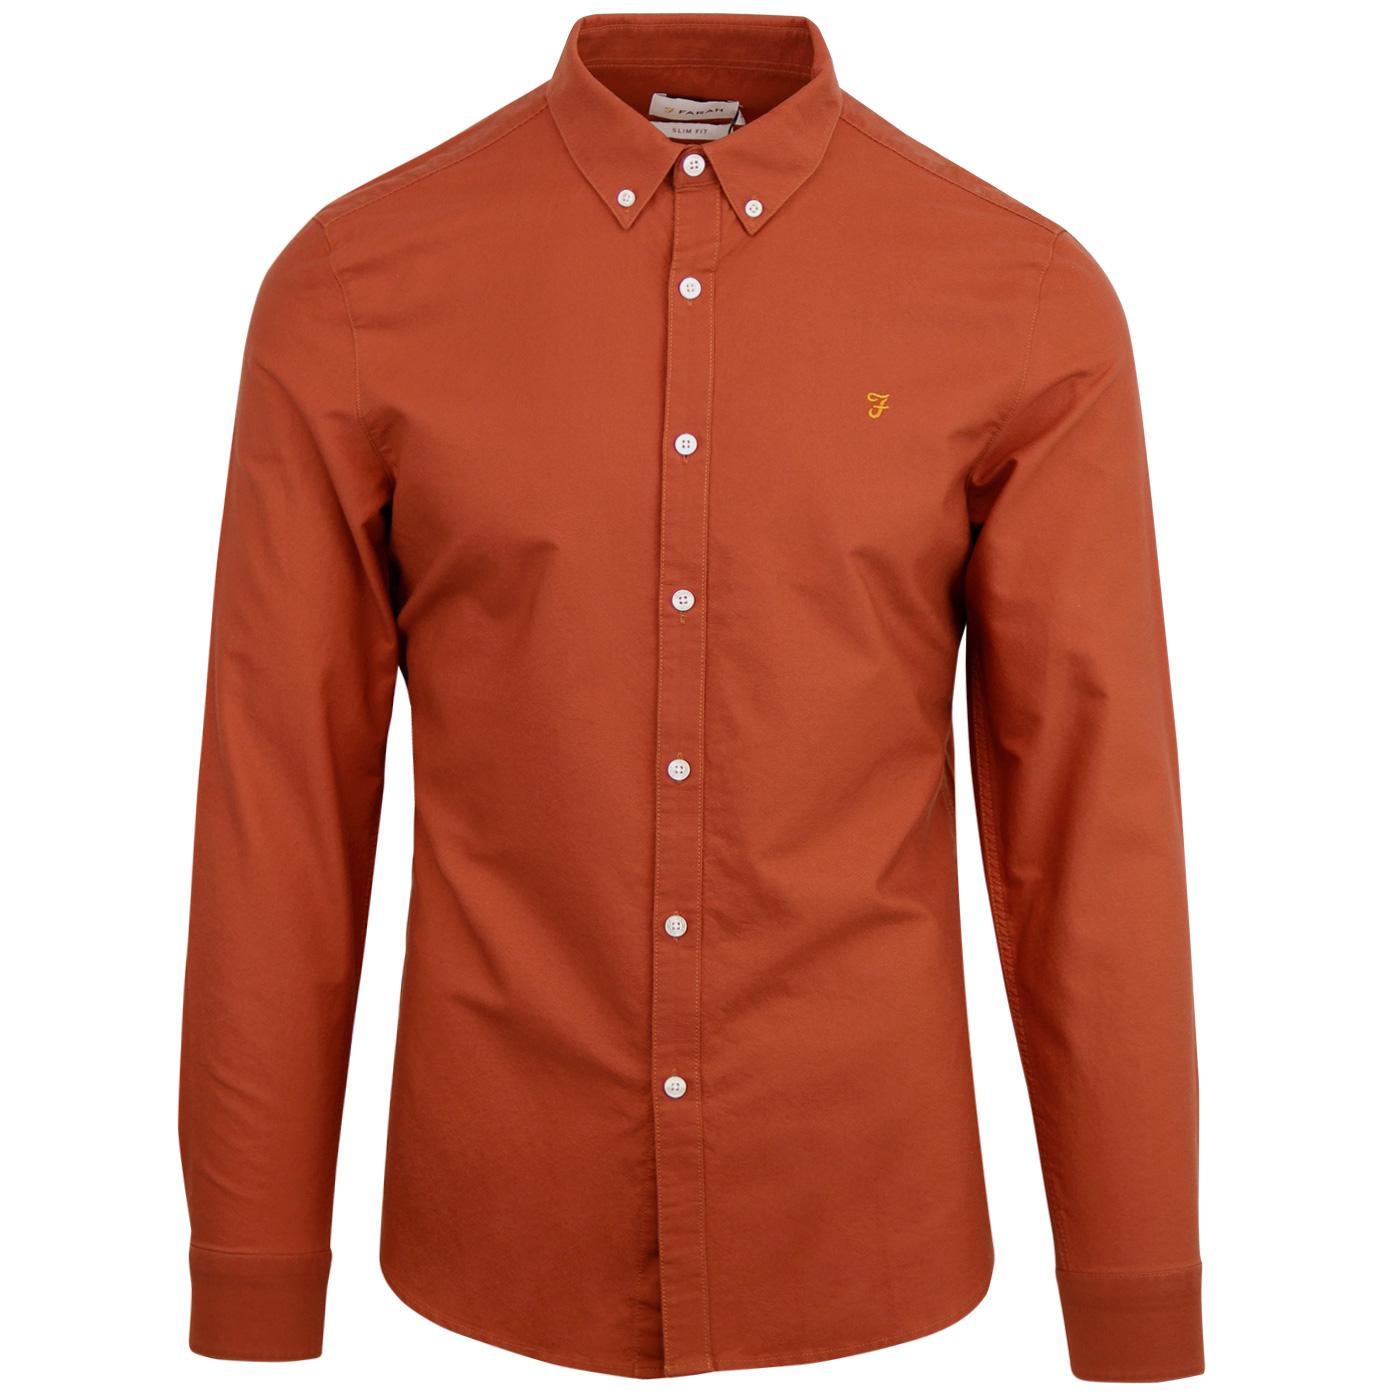 Brewer FARAH Slim Button Down Oxford Shirt - Rust